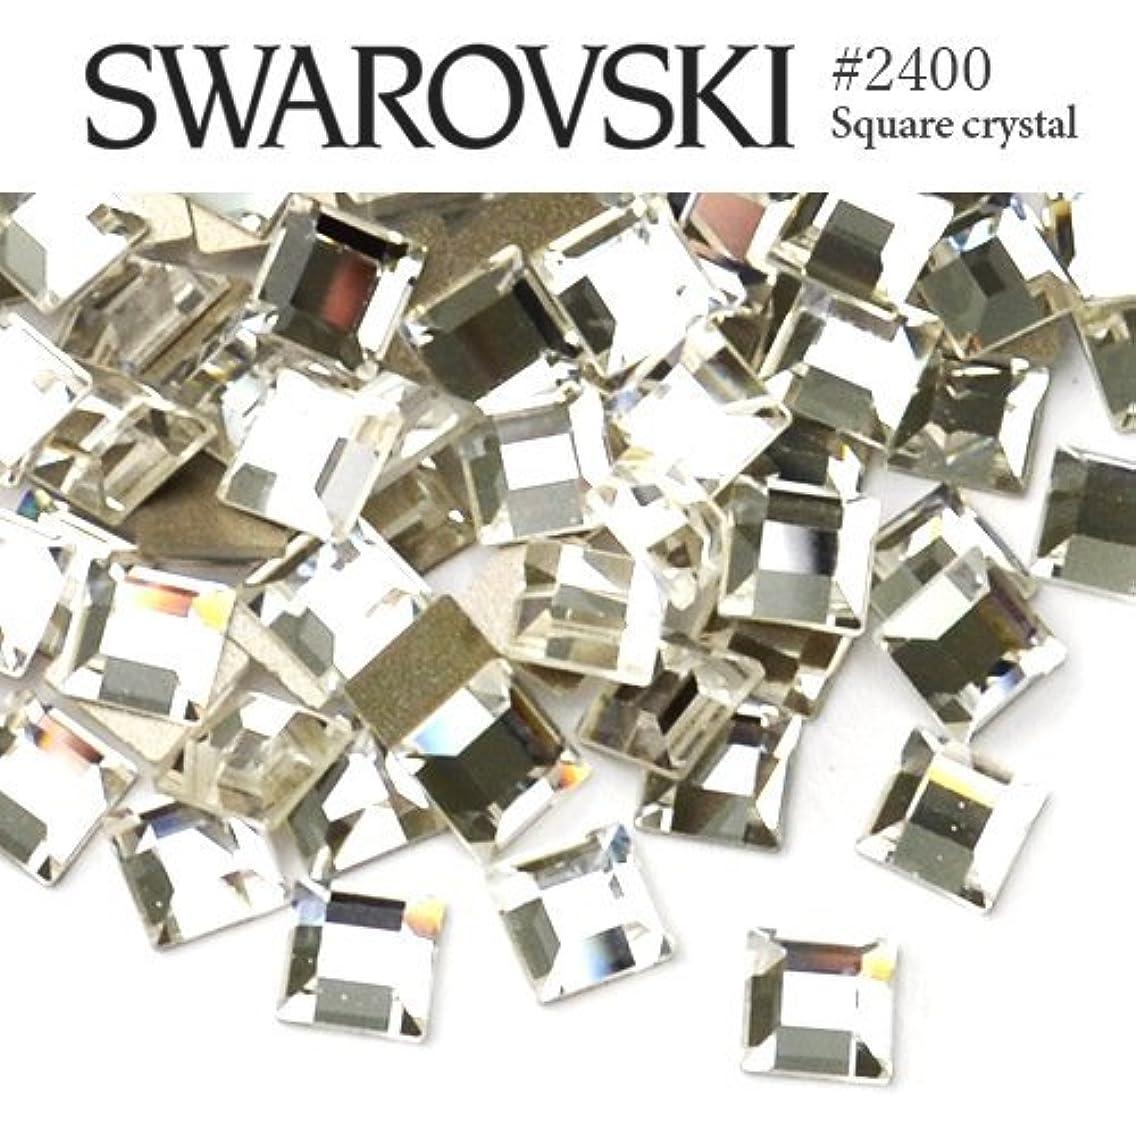 セイはさておき修道院ハンサム#2400 スクエア (正方形) [クリスタル] 3mm 20粒入り スワロフスキー ラインストーン